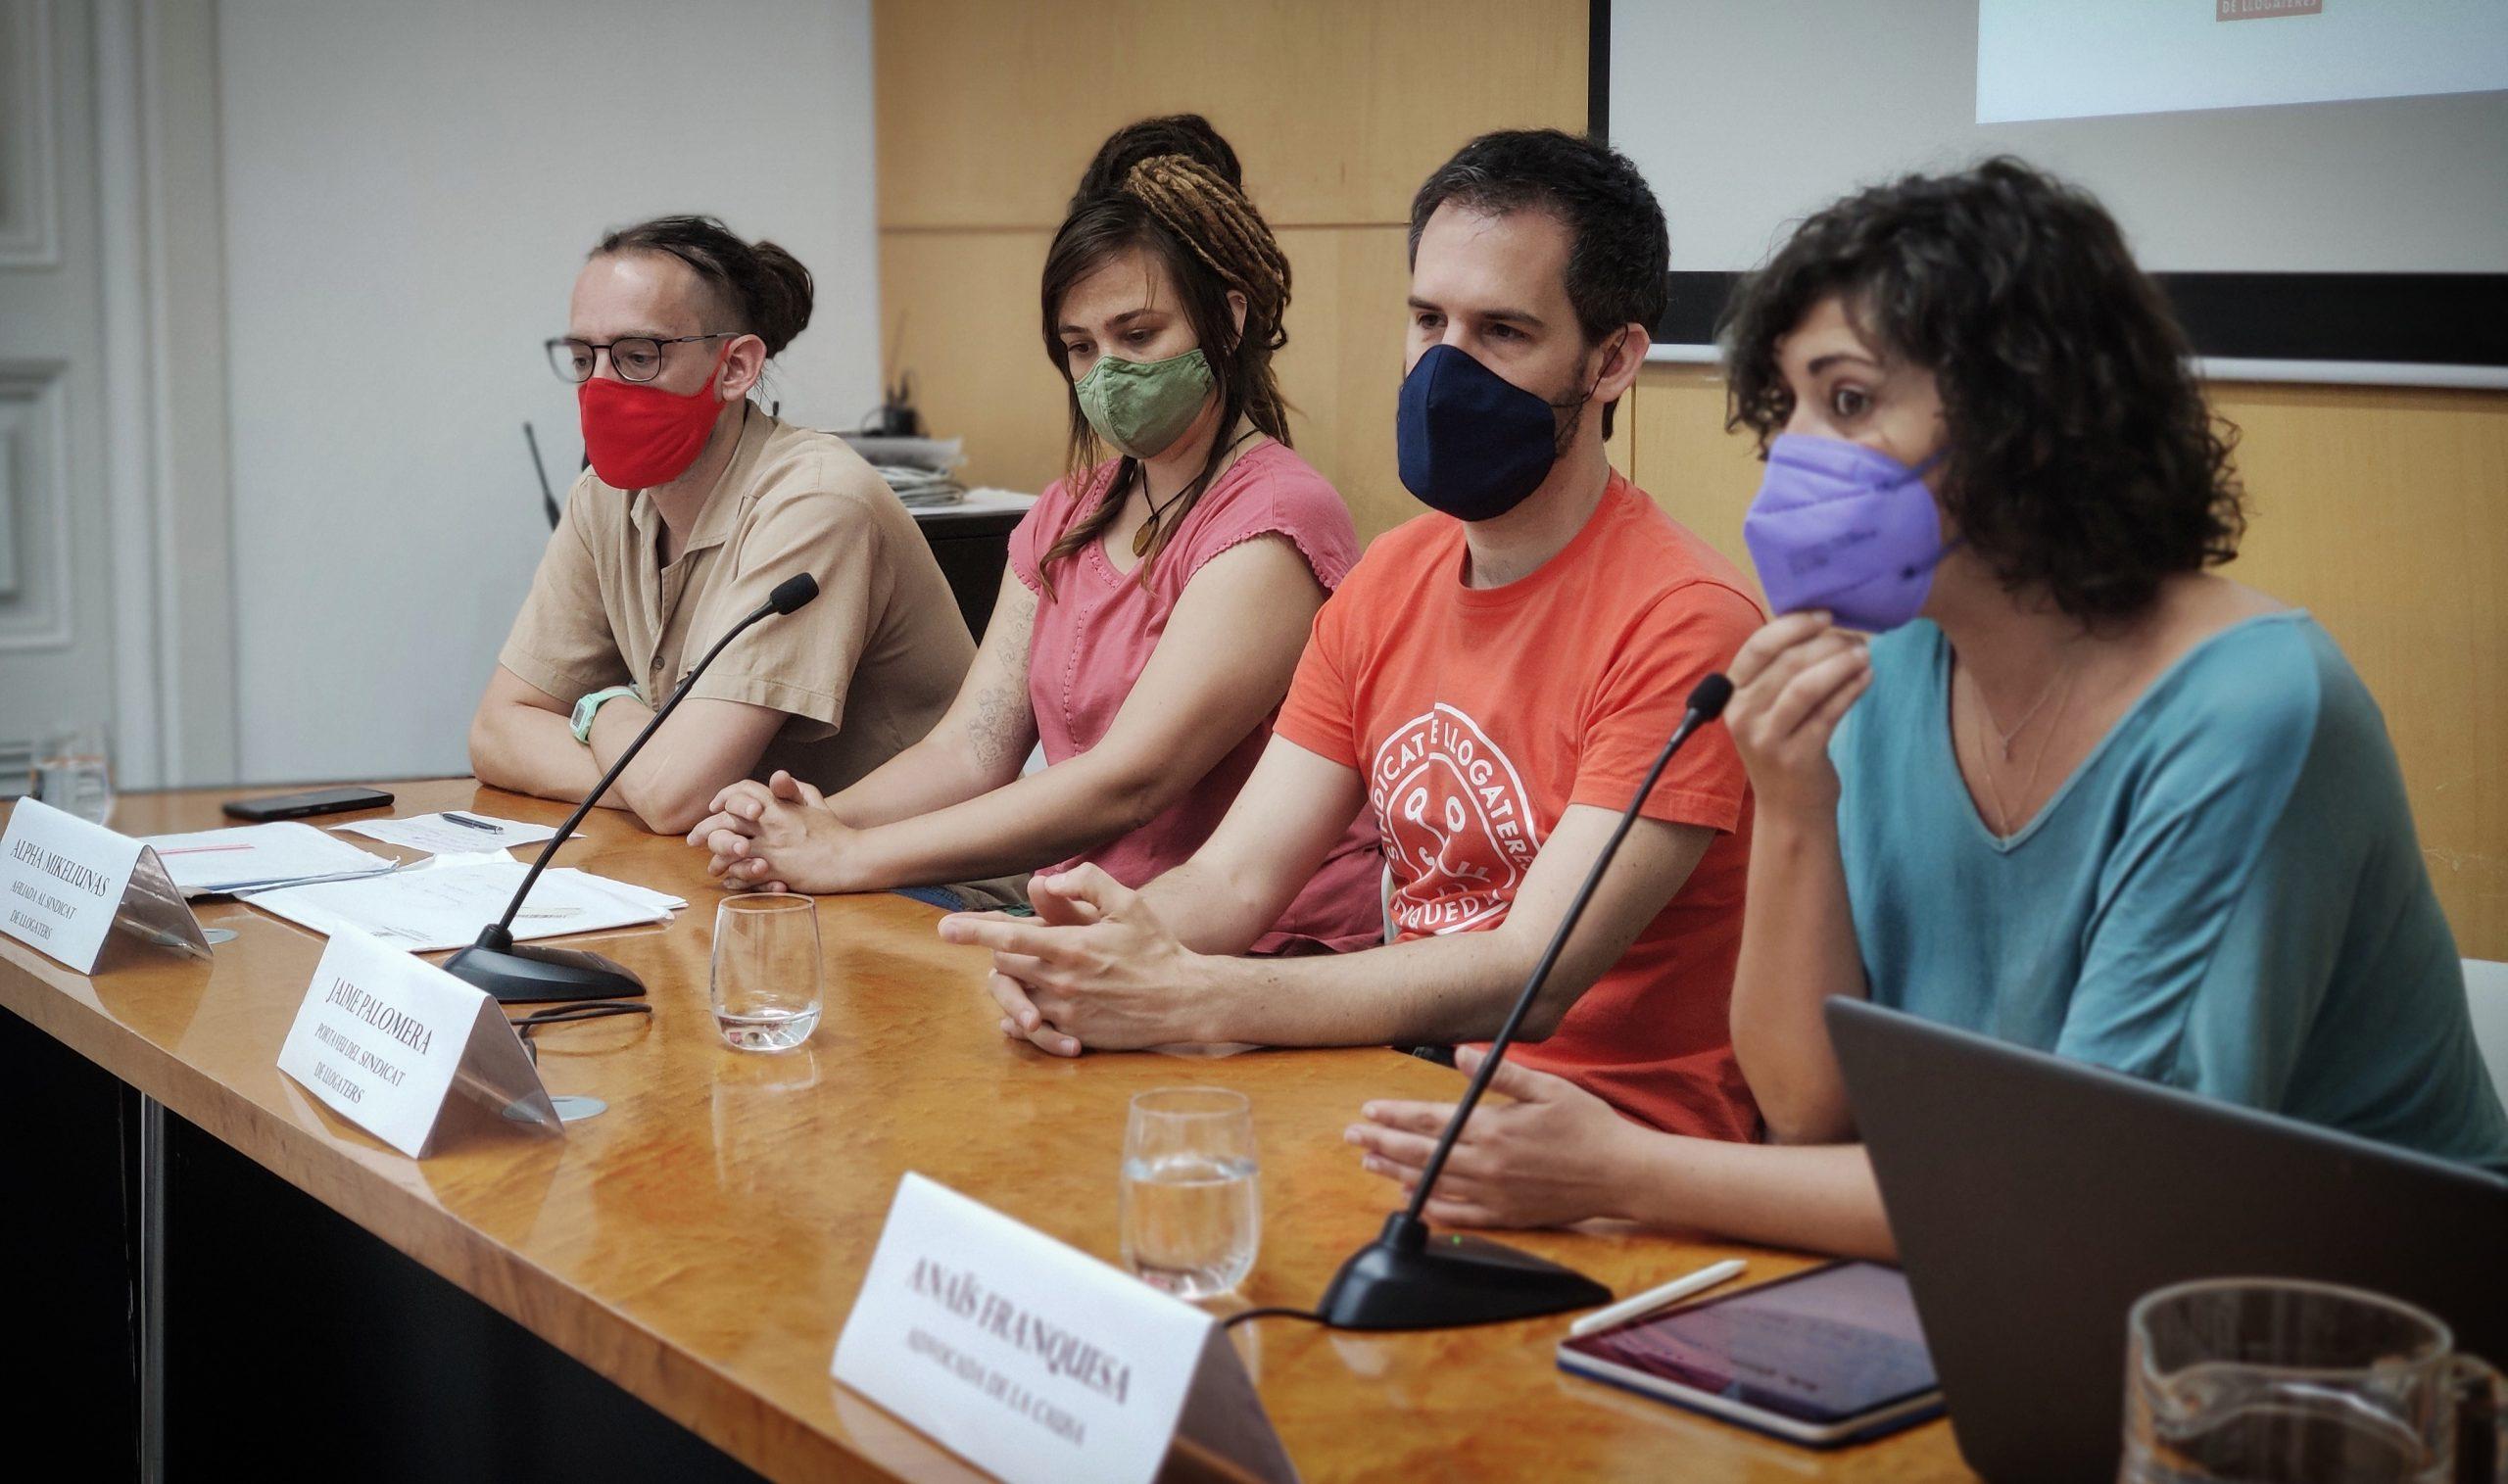 D'esquerra a dreta, el Fran, l'Alpha, l'activista Jaime Palomera i l'advocada Anaïs Franquesa / D.C.